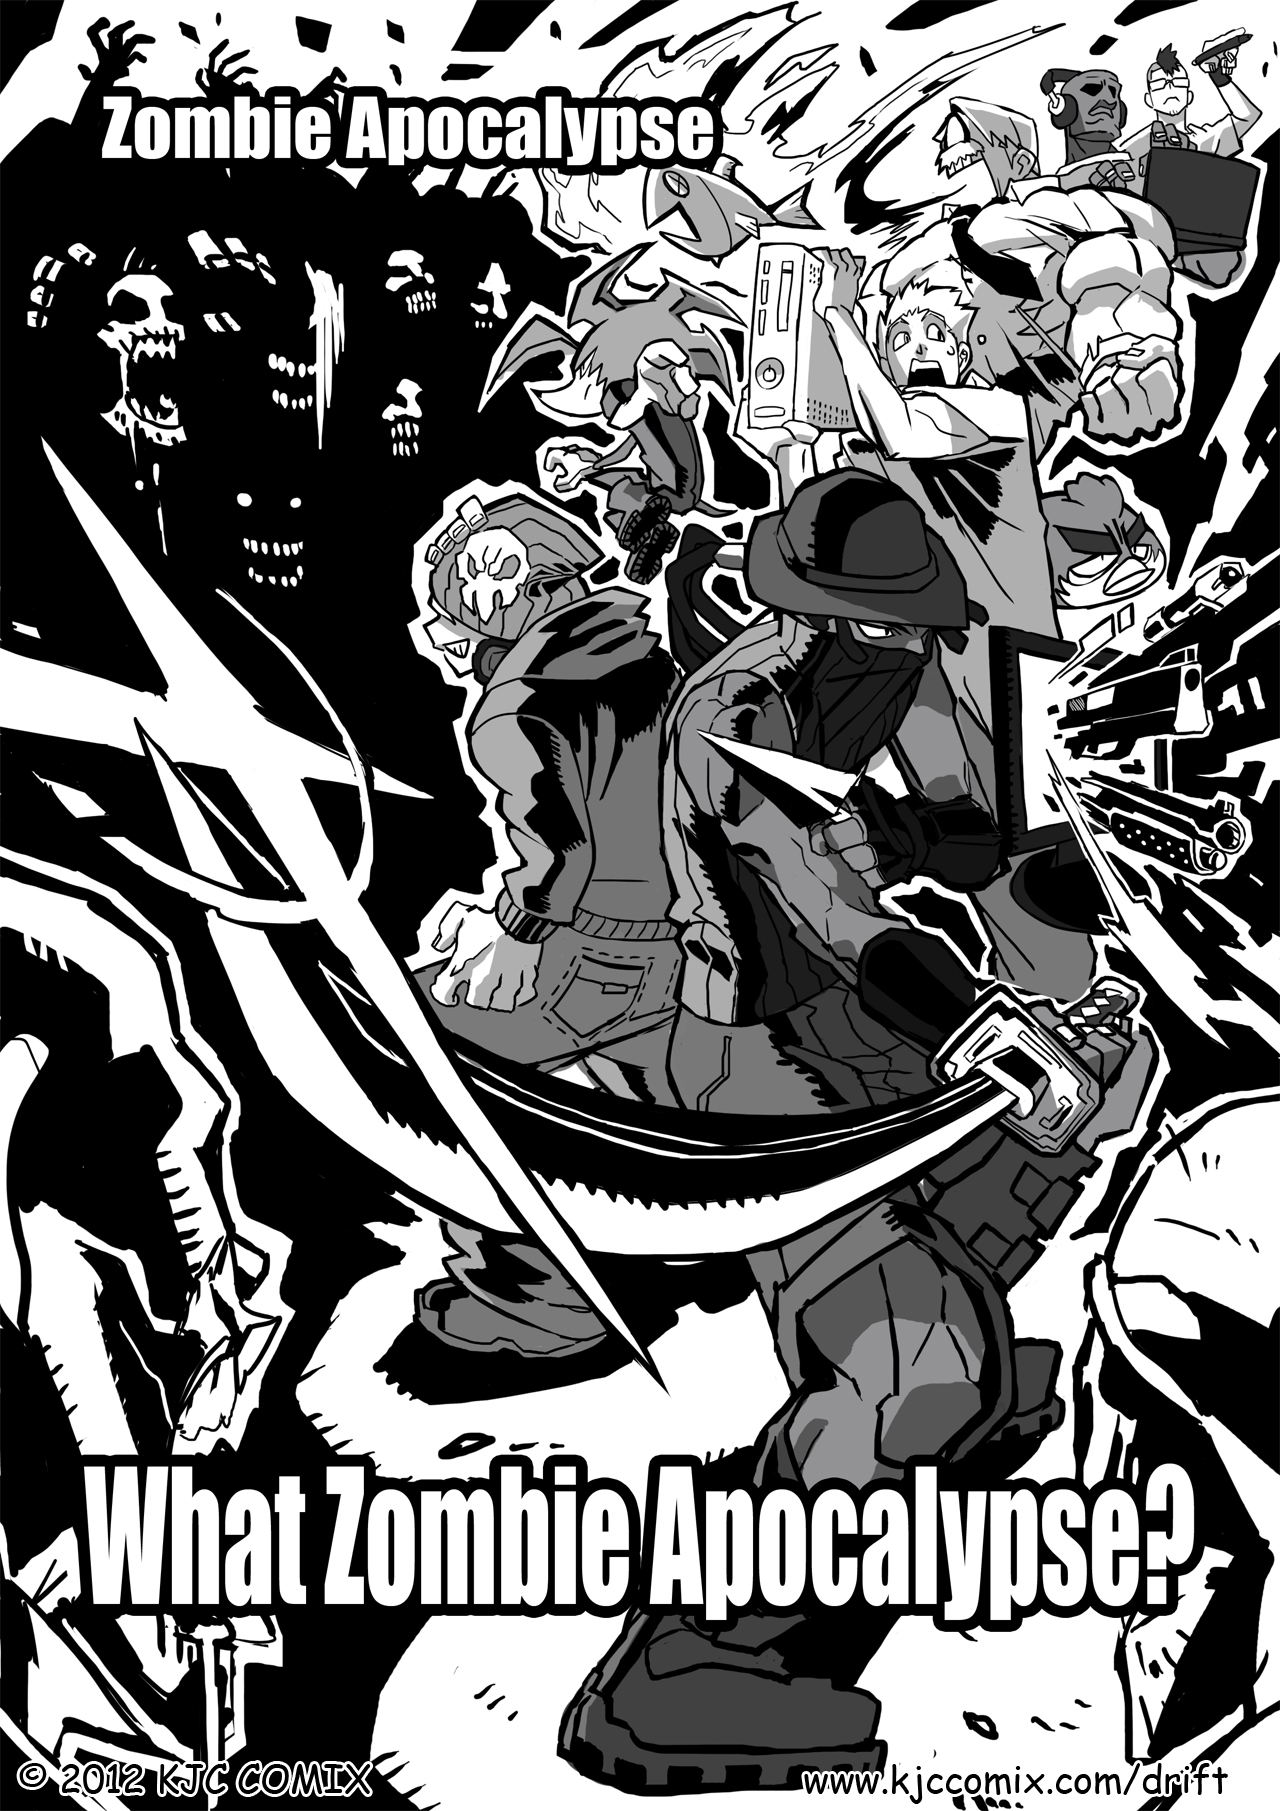 Drift#16 - Zombie Apocalypse